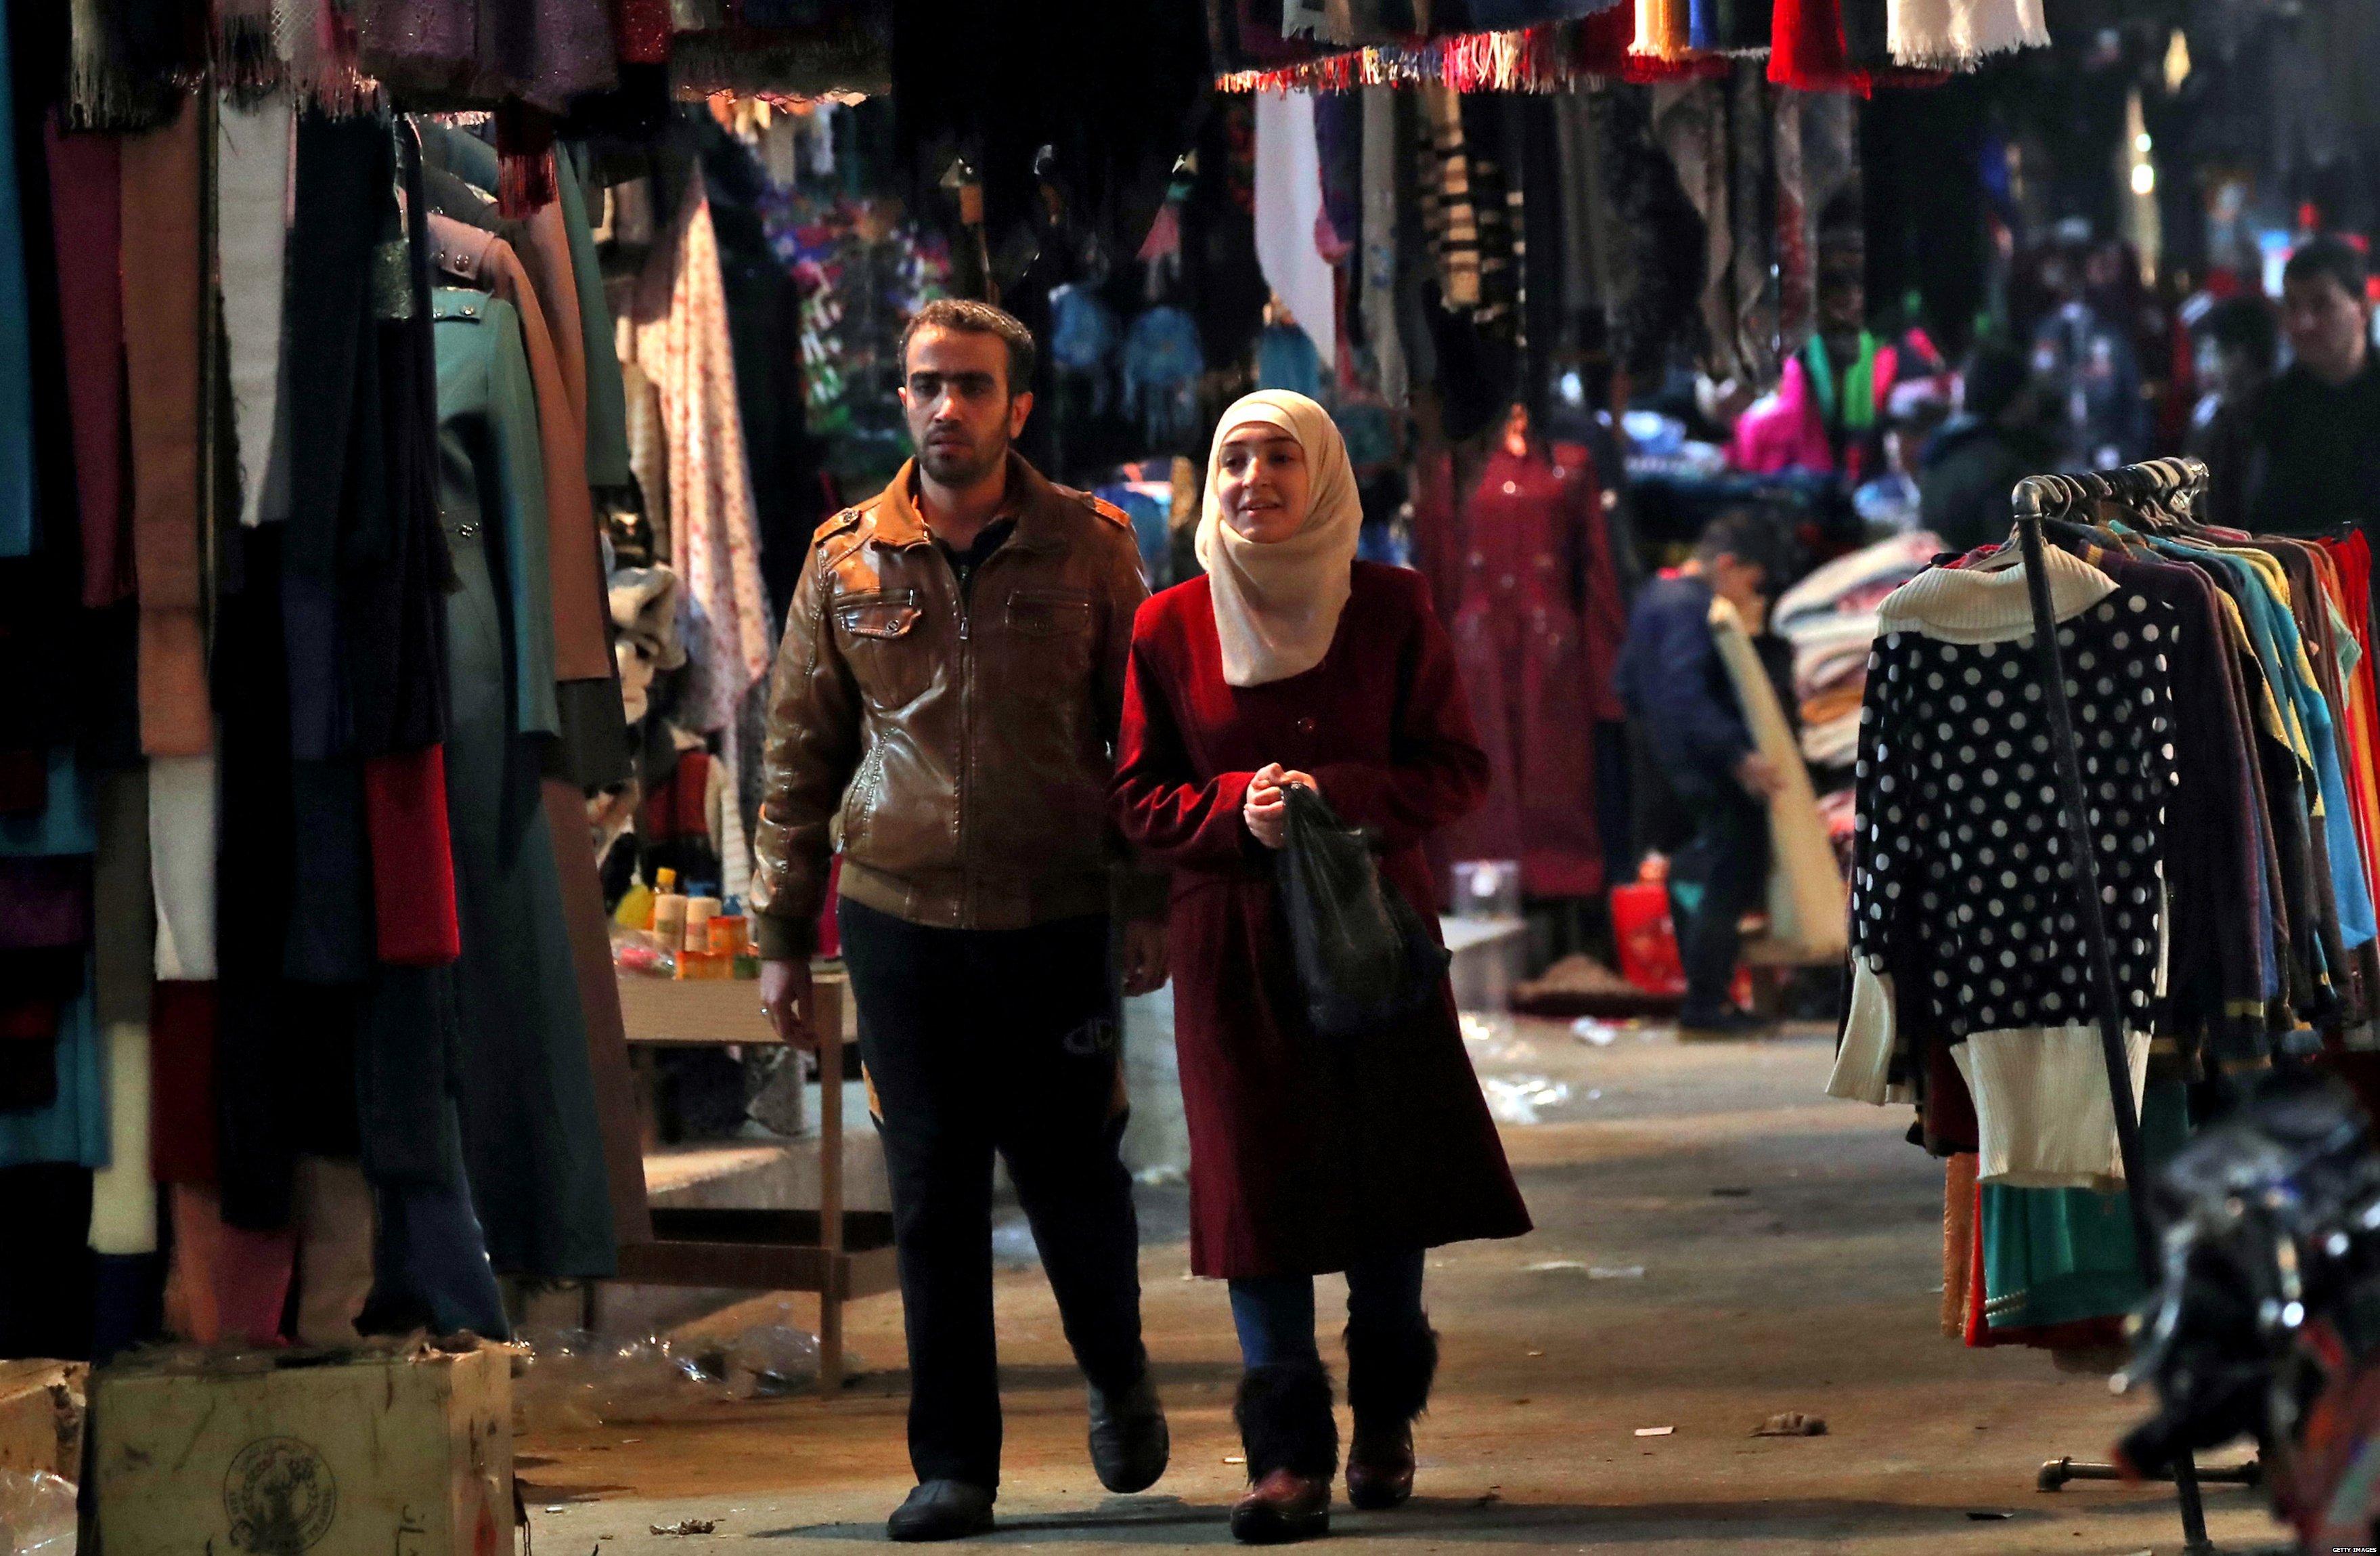 زوجان في يسيران في سوق في سوريا